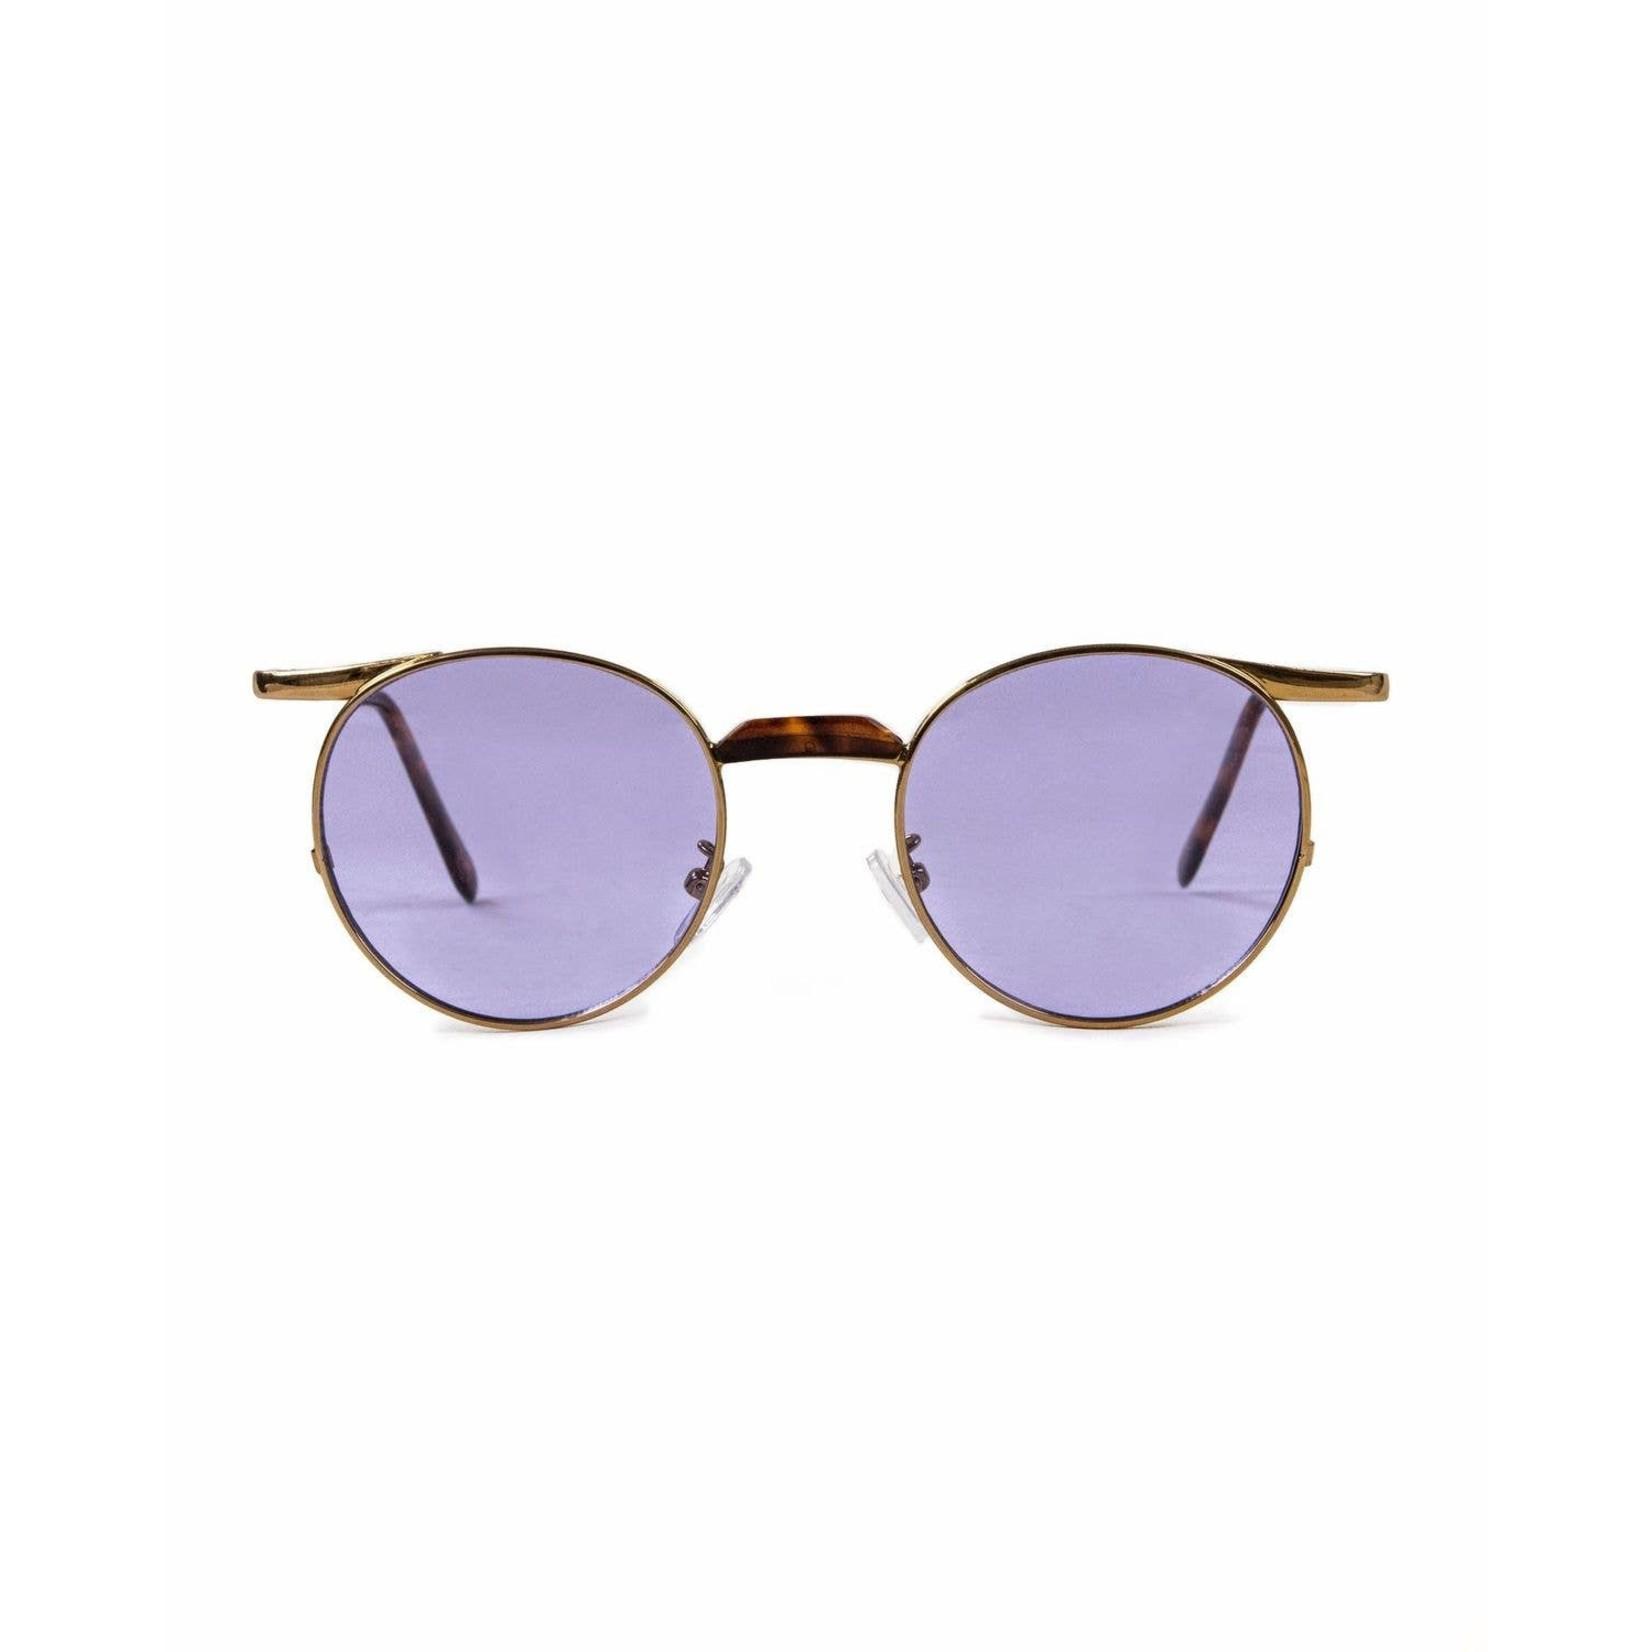 Powder Farrah Sunglasses